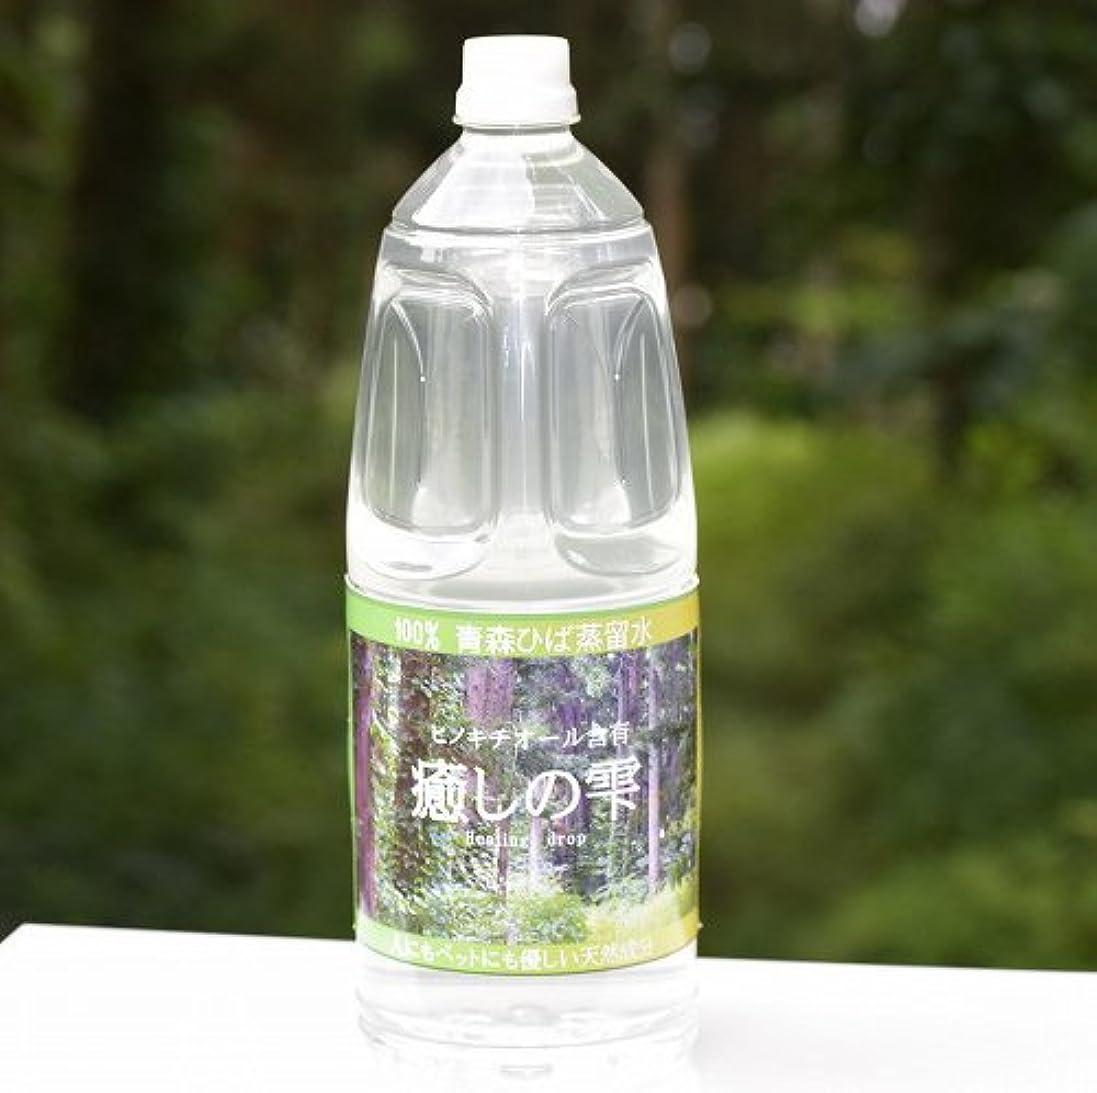 マリン累積未亡人青森ひば 天然ヒバ水 癒しの雫 蒸留水 送料無料 1.8L×1本 お試し